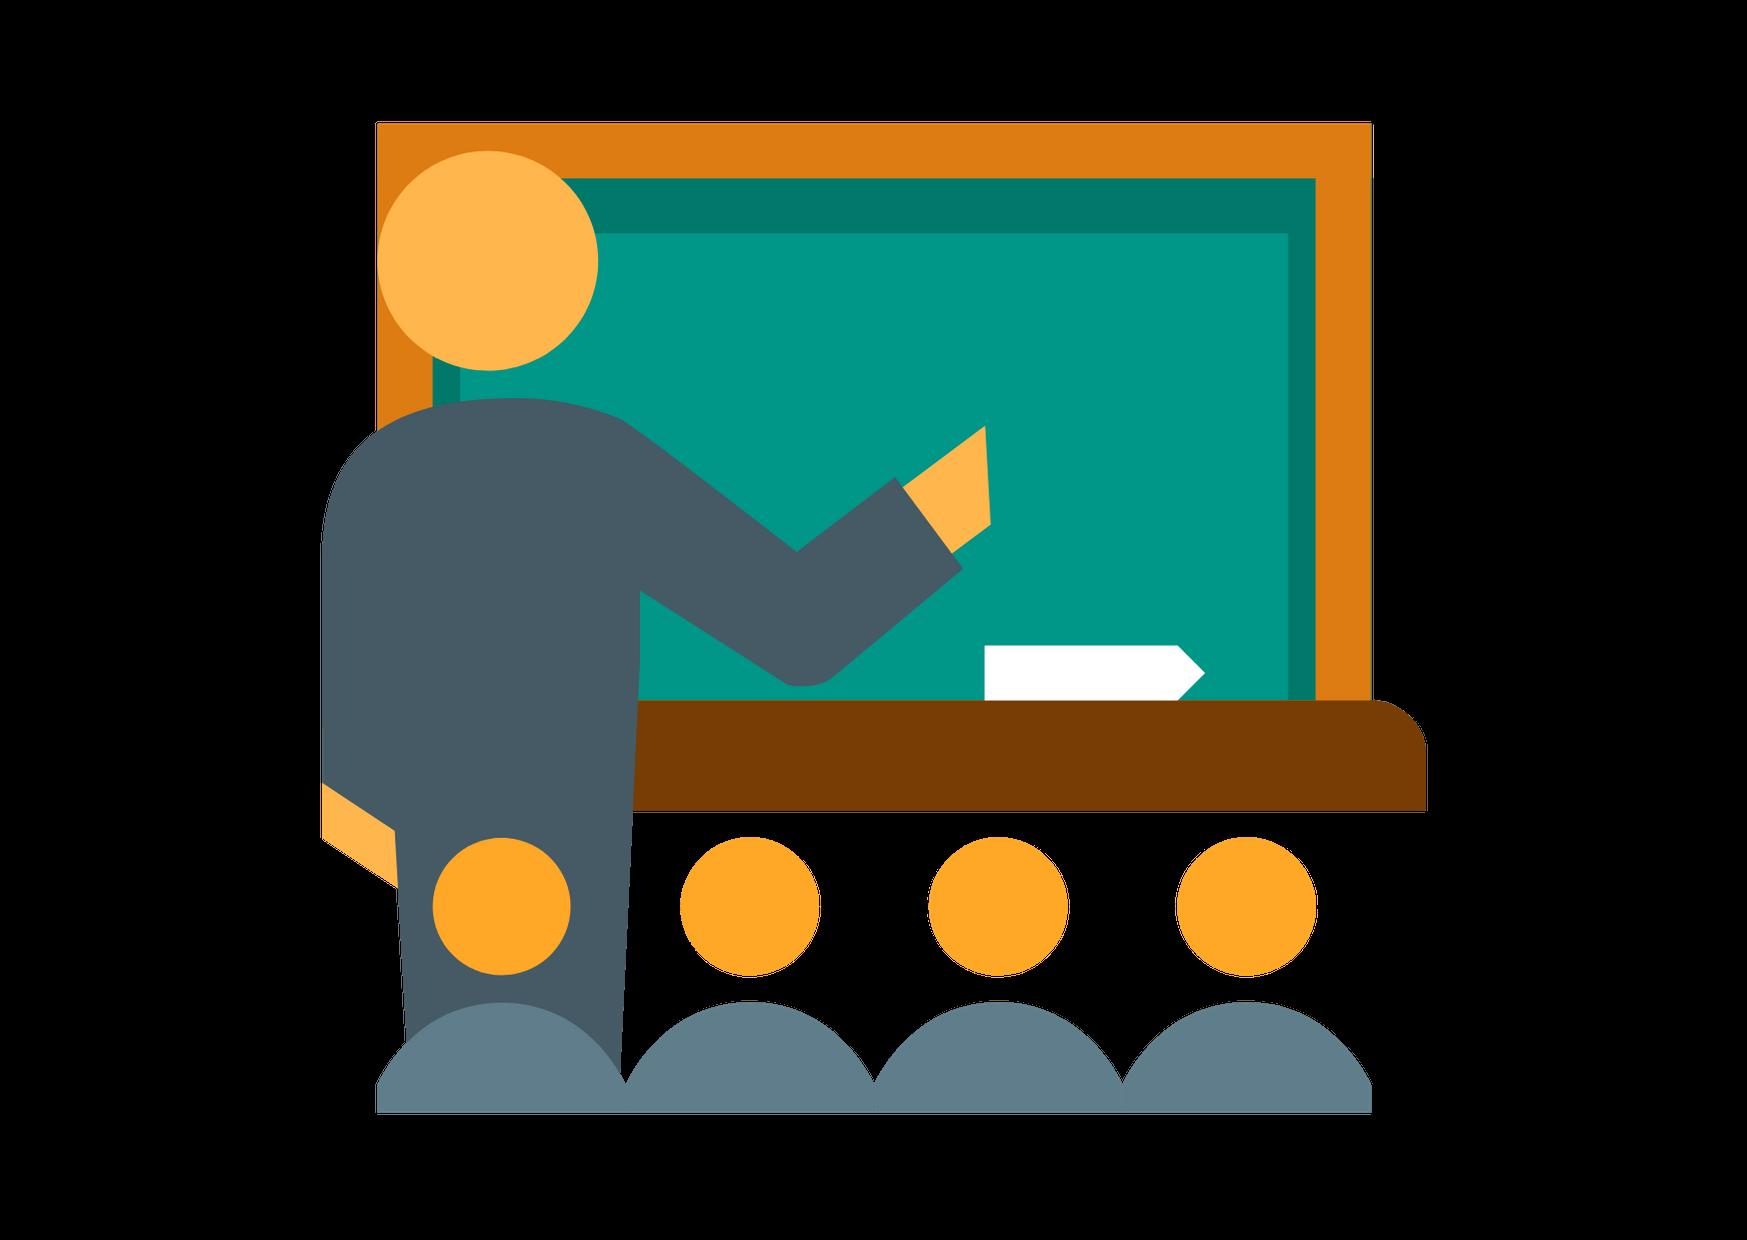 II Международная on-line конференция учителей по обмену педагогическим опытом «ФГОС: инновации, знания, опыт», 06.01.2021-31.12.2021